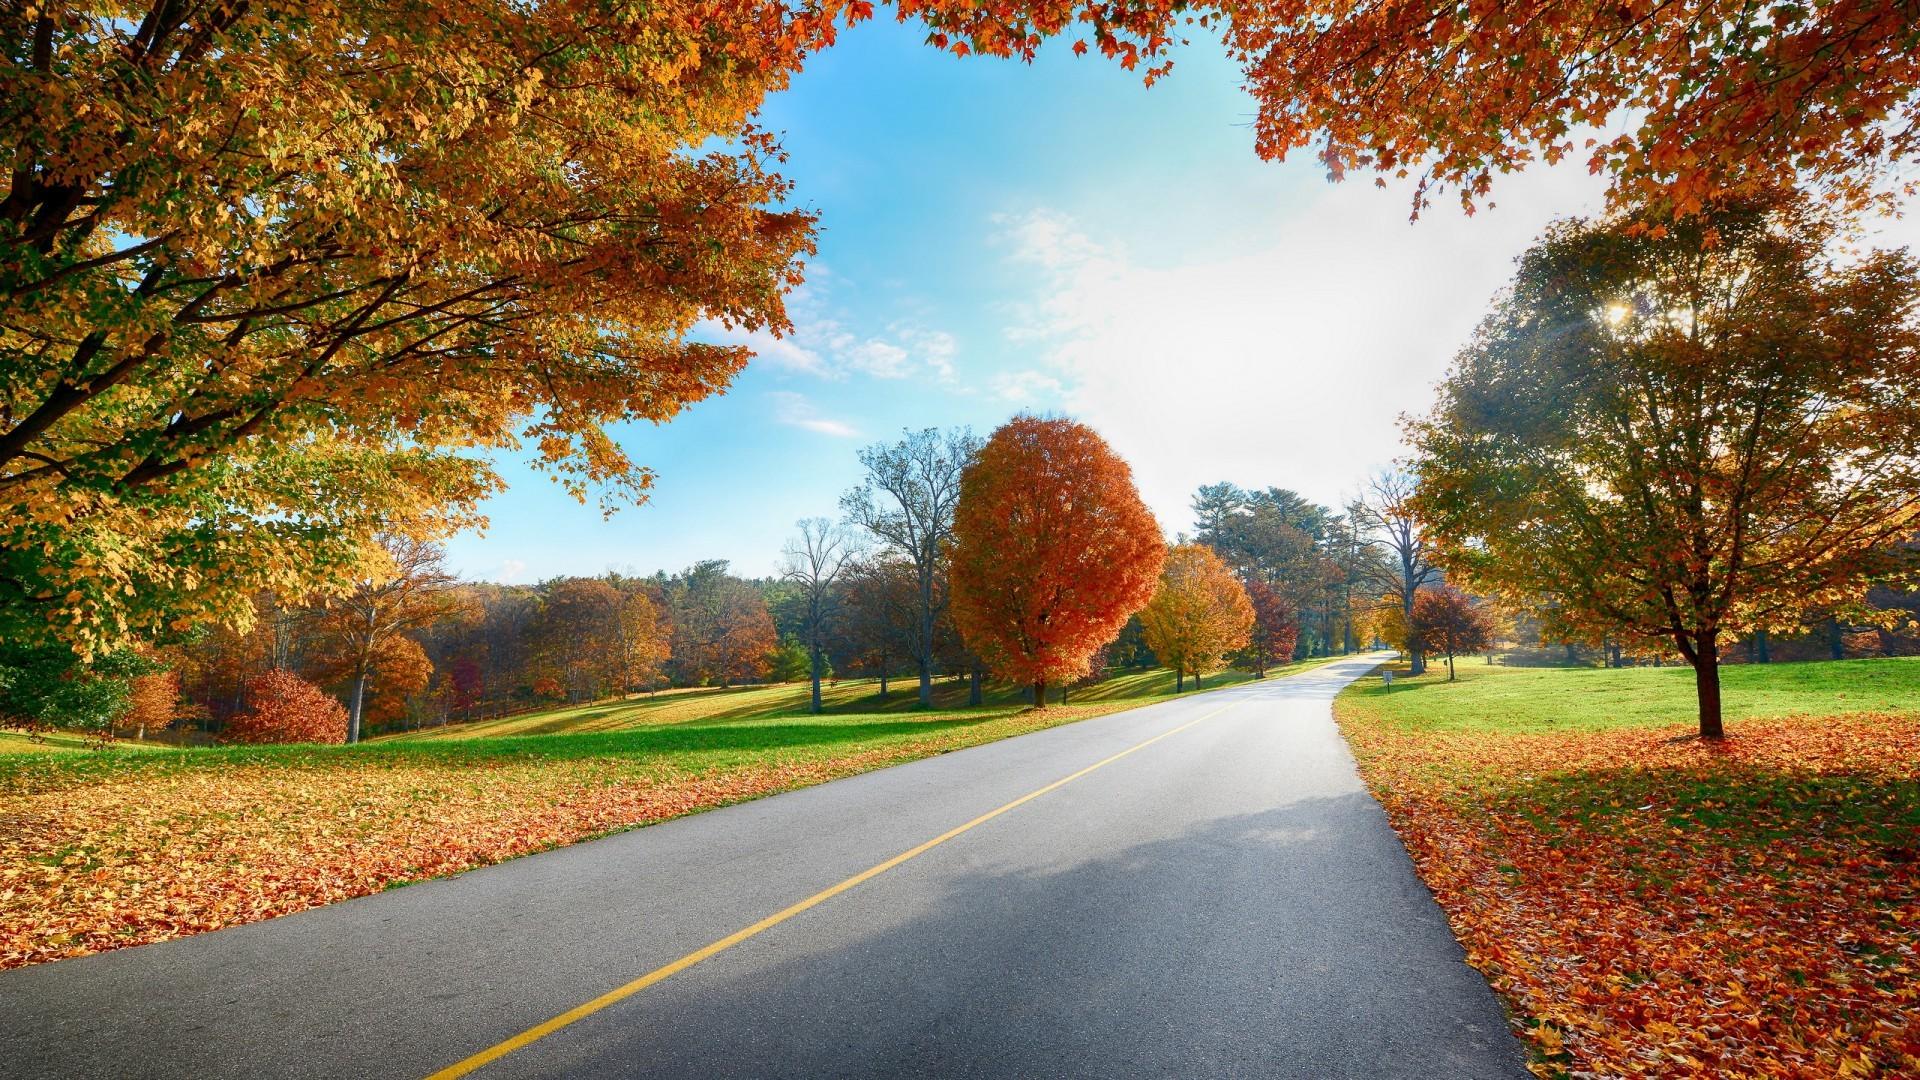 20675 скачать обои Пейзаж, Деревья, Дороги, Осень, Листья - заставки и картинки бесплатно